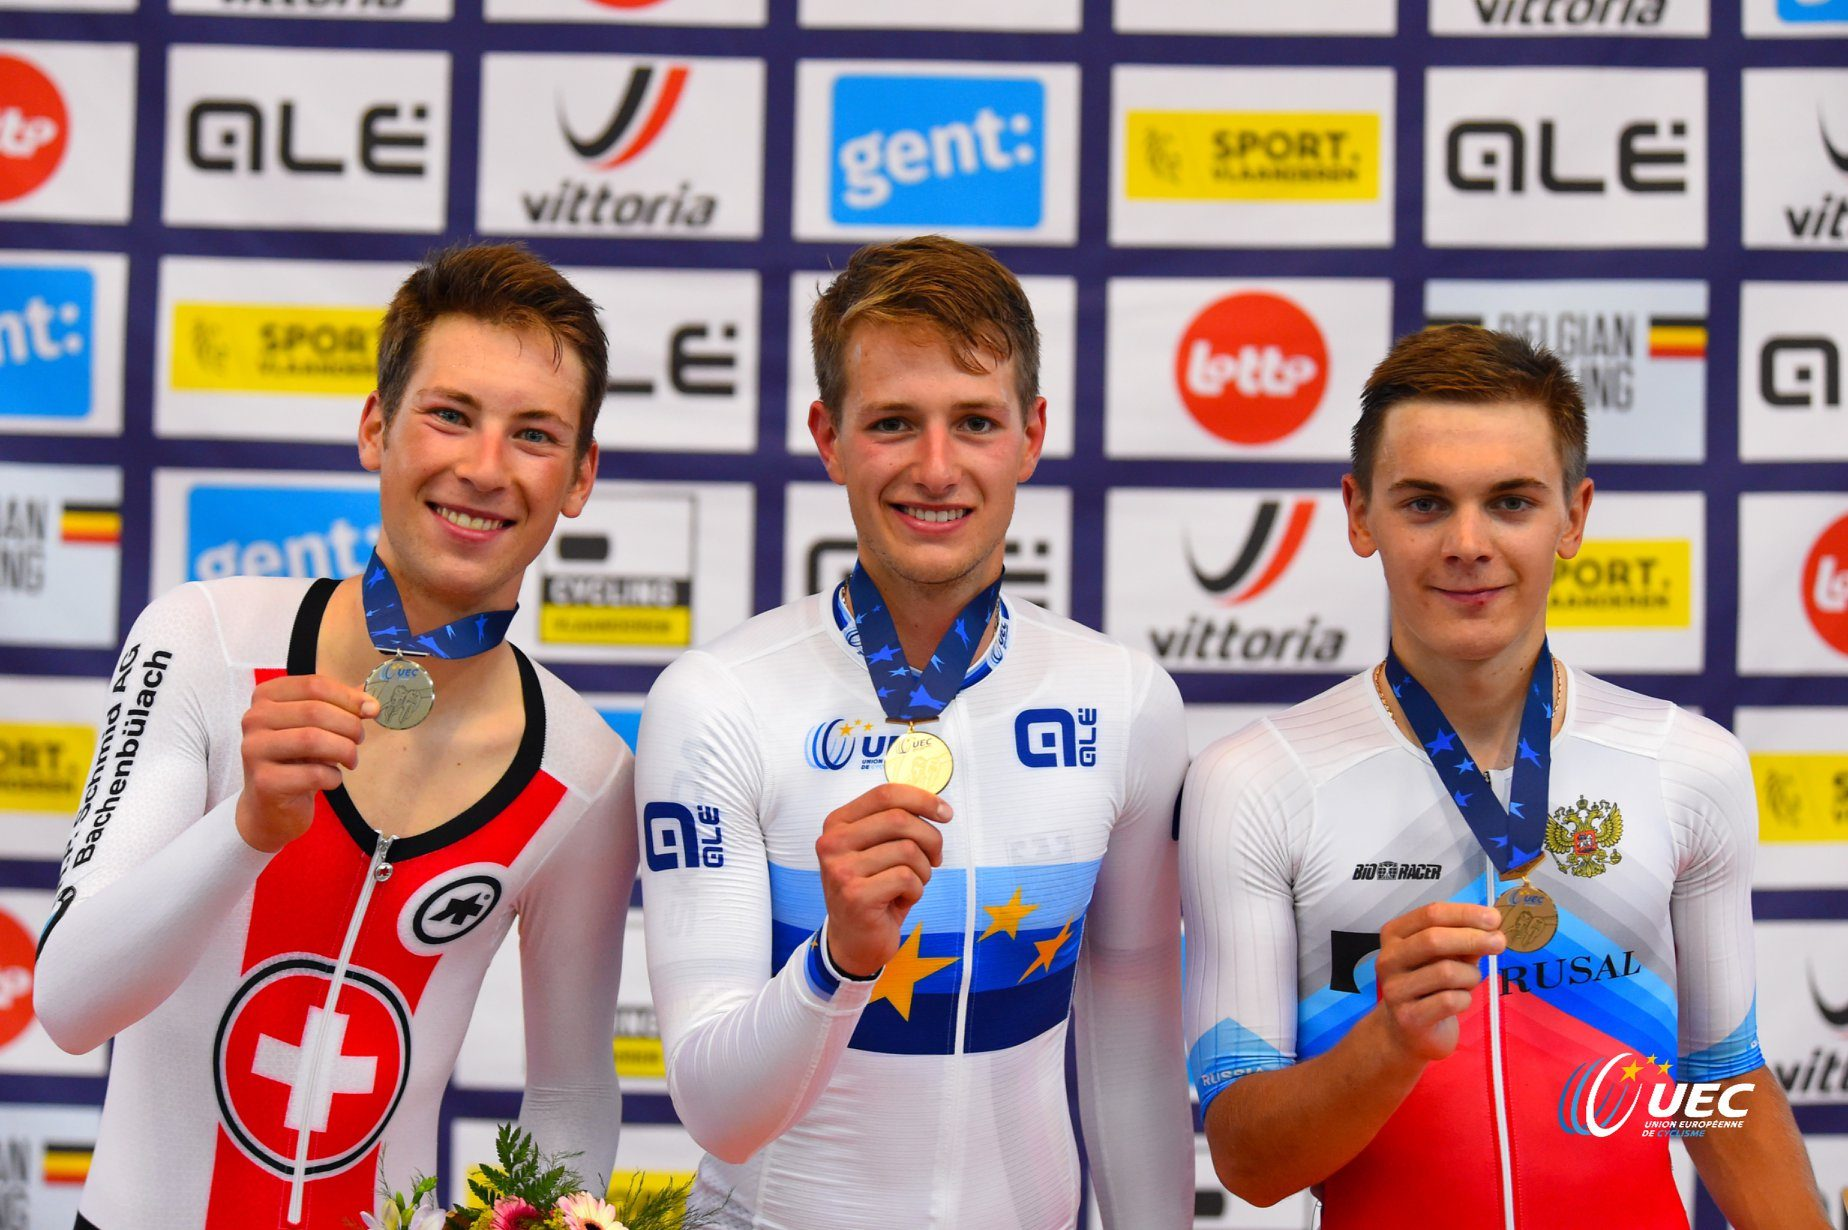 Итоги чемпионата Европы по трековому велоспорту среди юниоров и андеров: сборная России на третьем месте